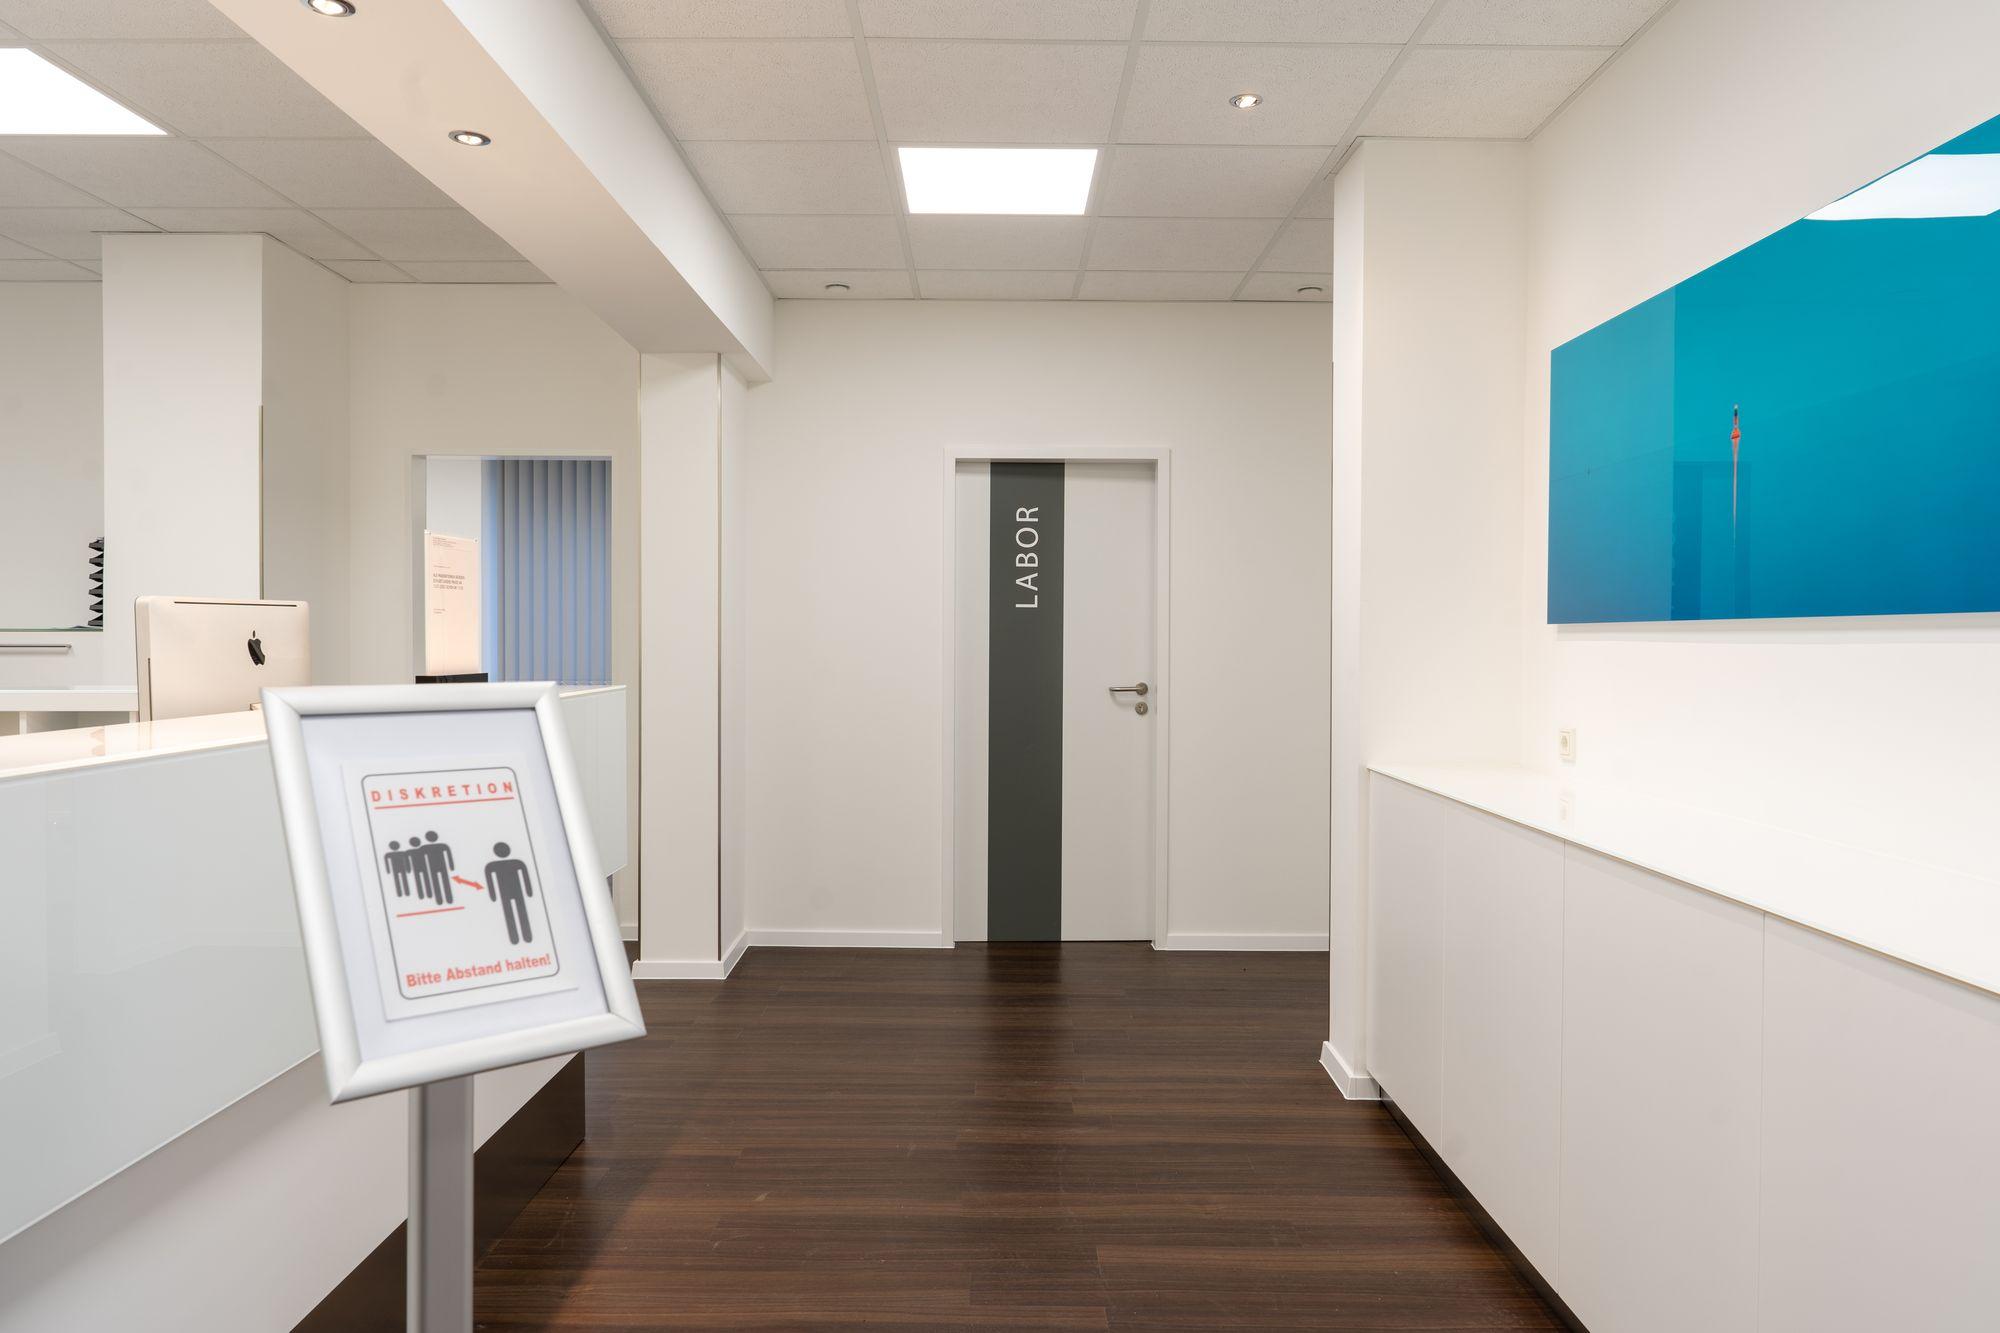 Eingangsbereich der Praxis Dr. med. Björn Geldmacher am Westfalendamm in Dortmund